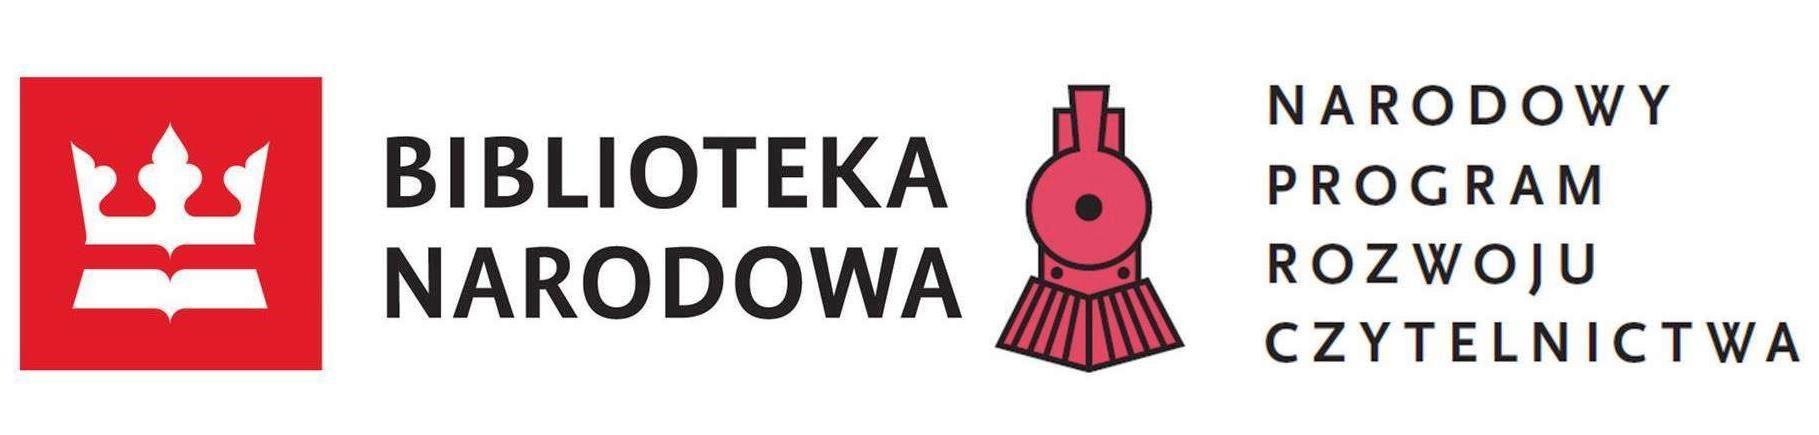 Logo Narodoweg oProgramu Rozwoju Czytelnictwa